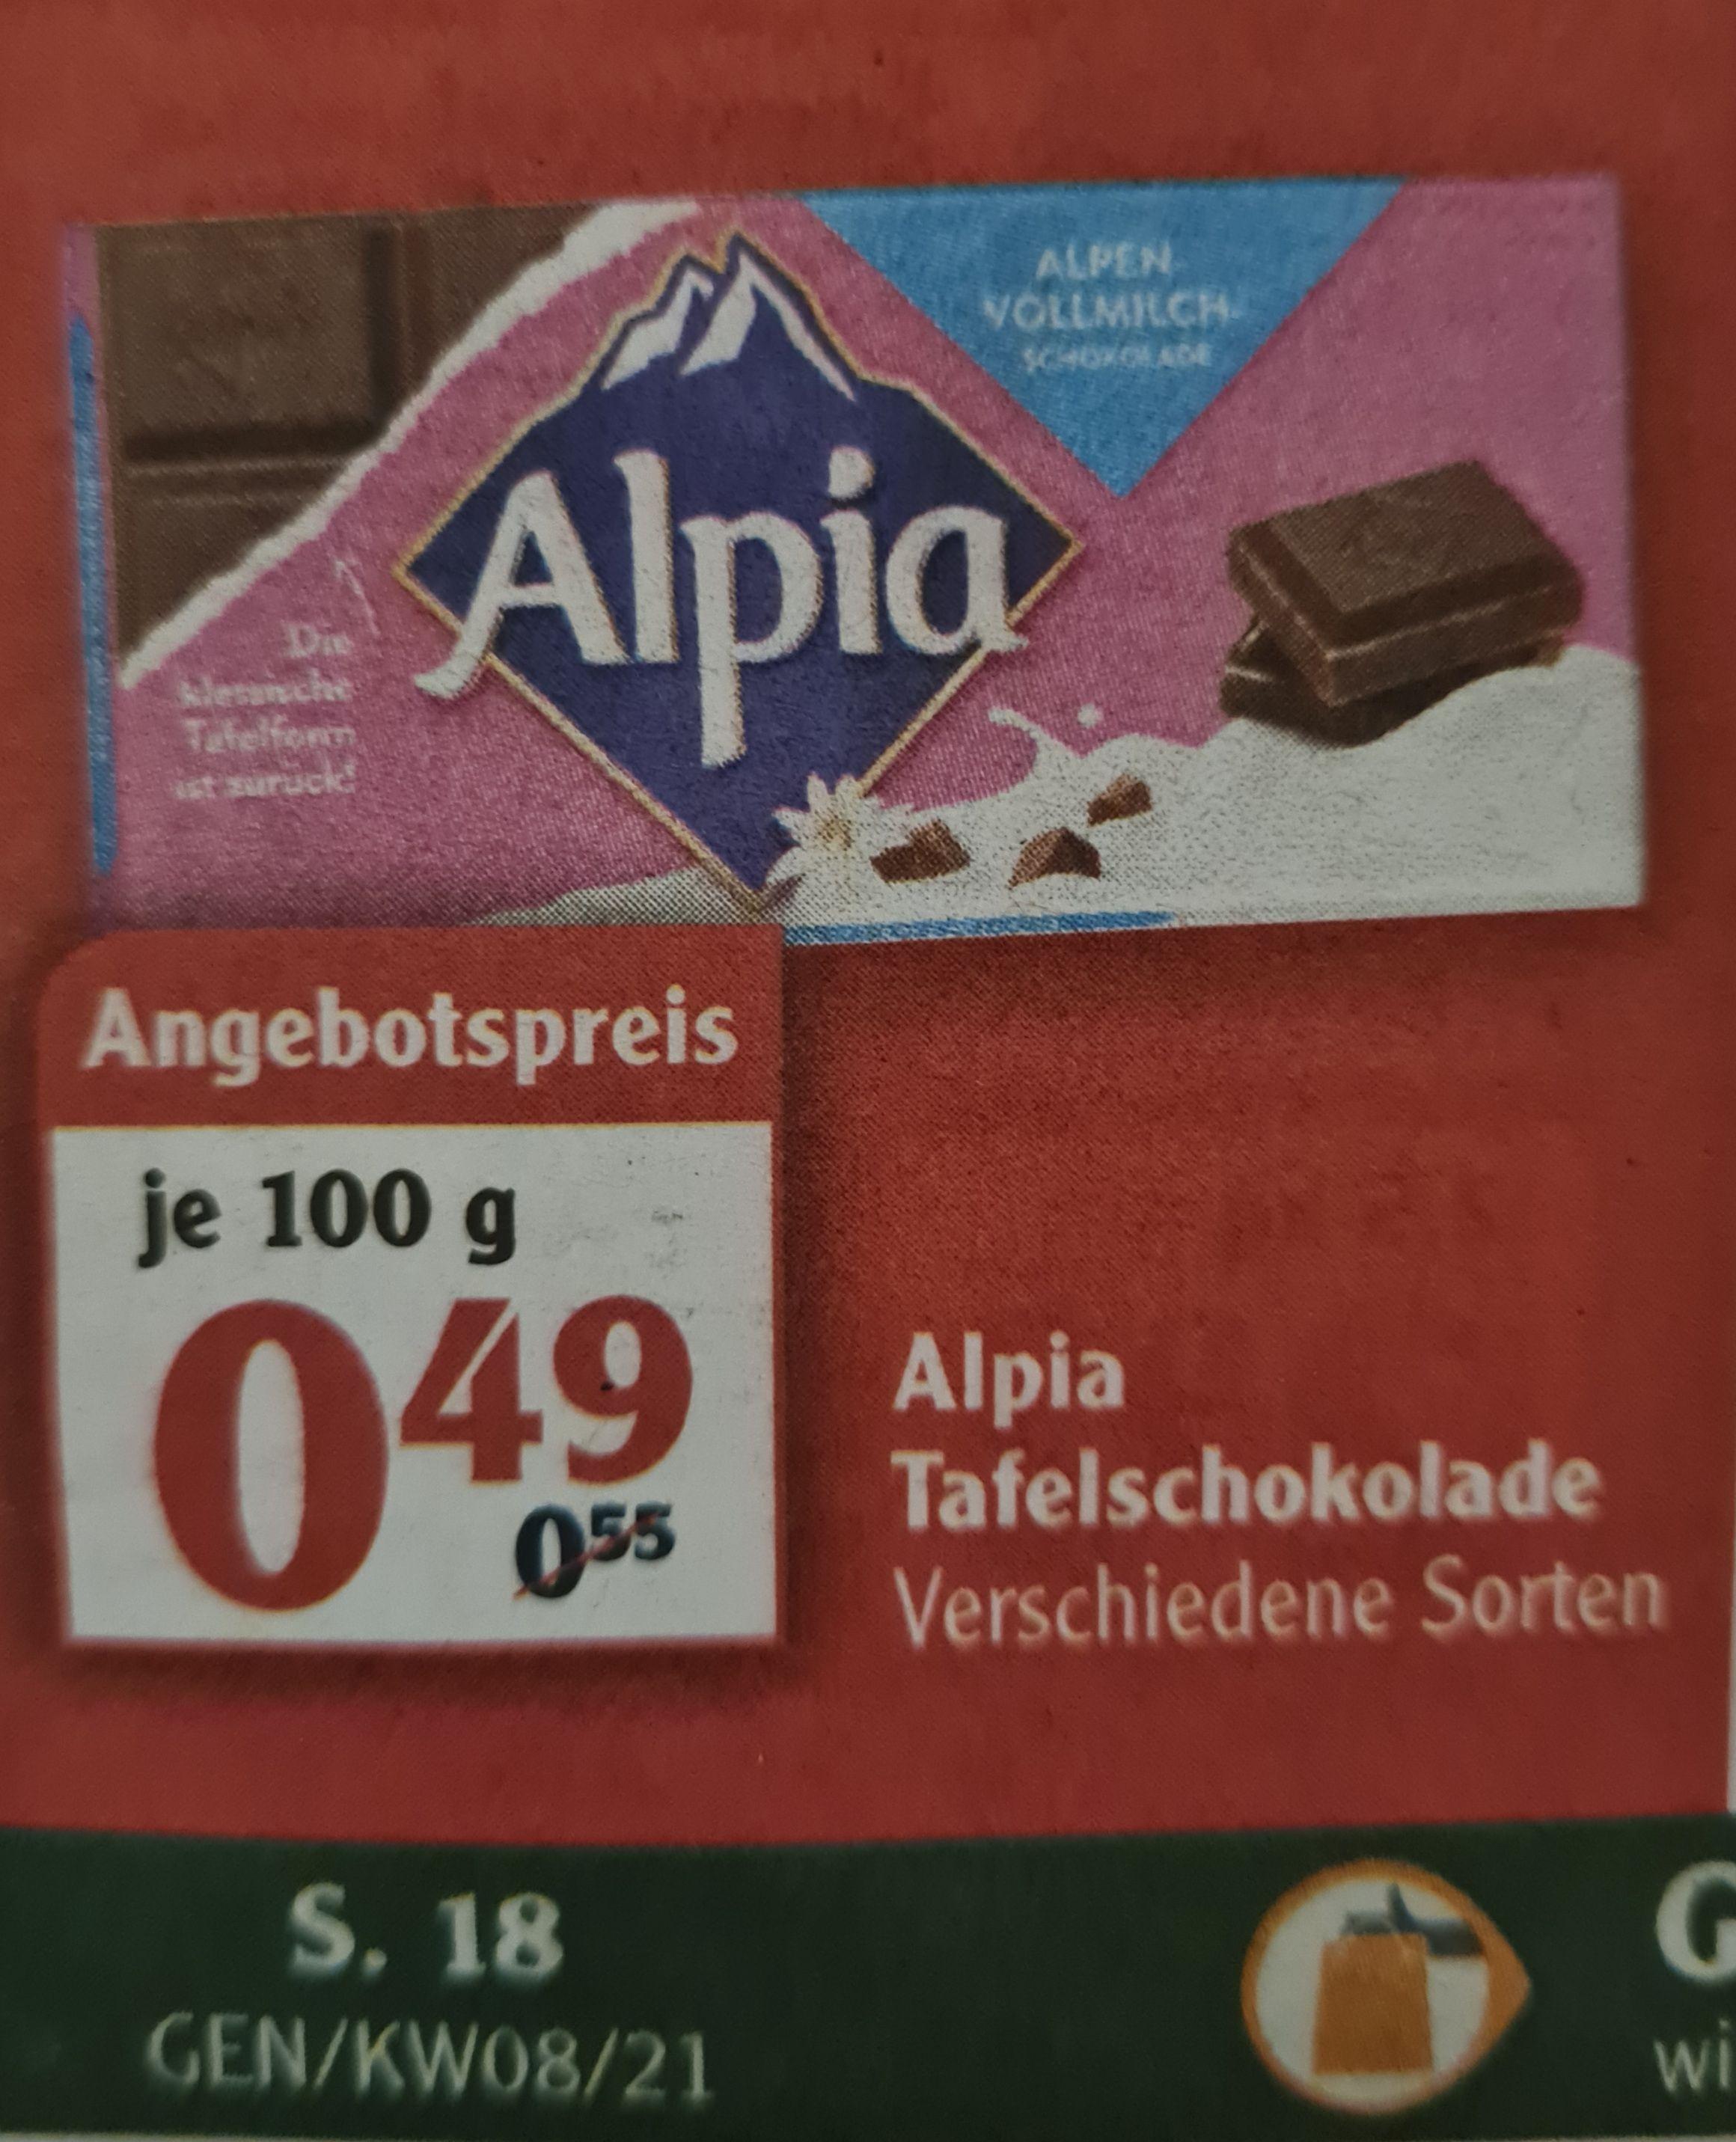 Alpia Tafelschokolade 100 g verschiedene Sorten